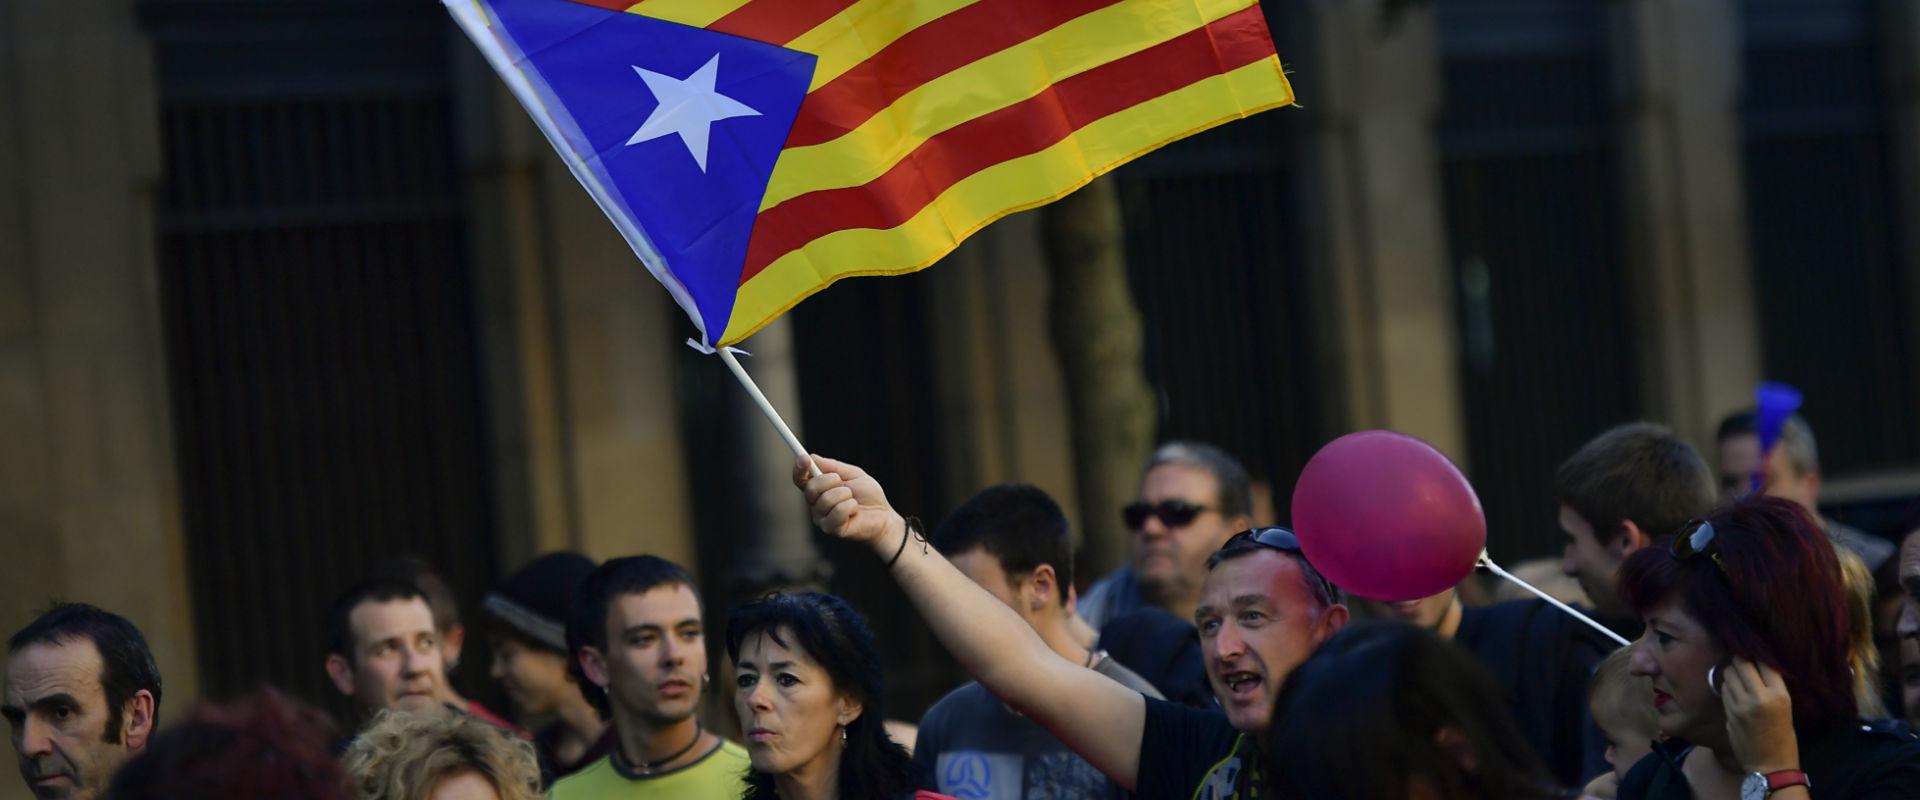 מפגינים בעד עצמאות לקטלוניה